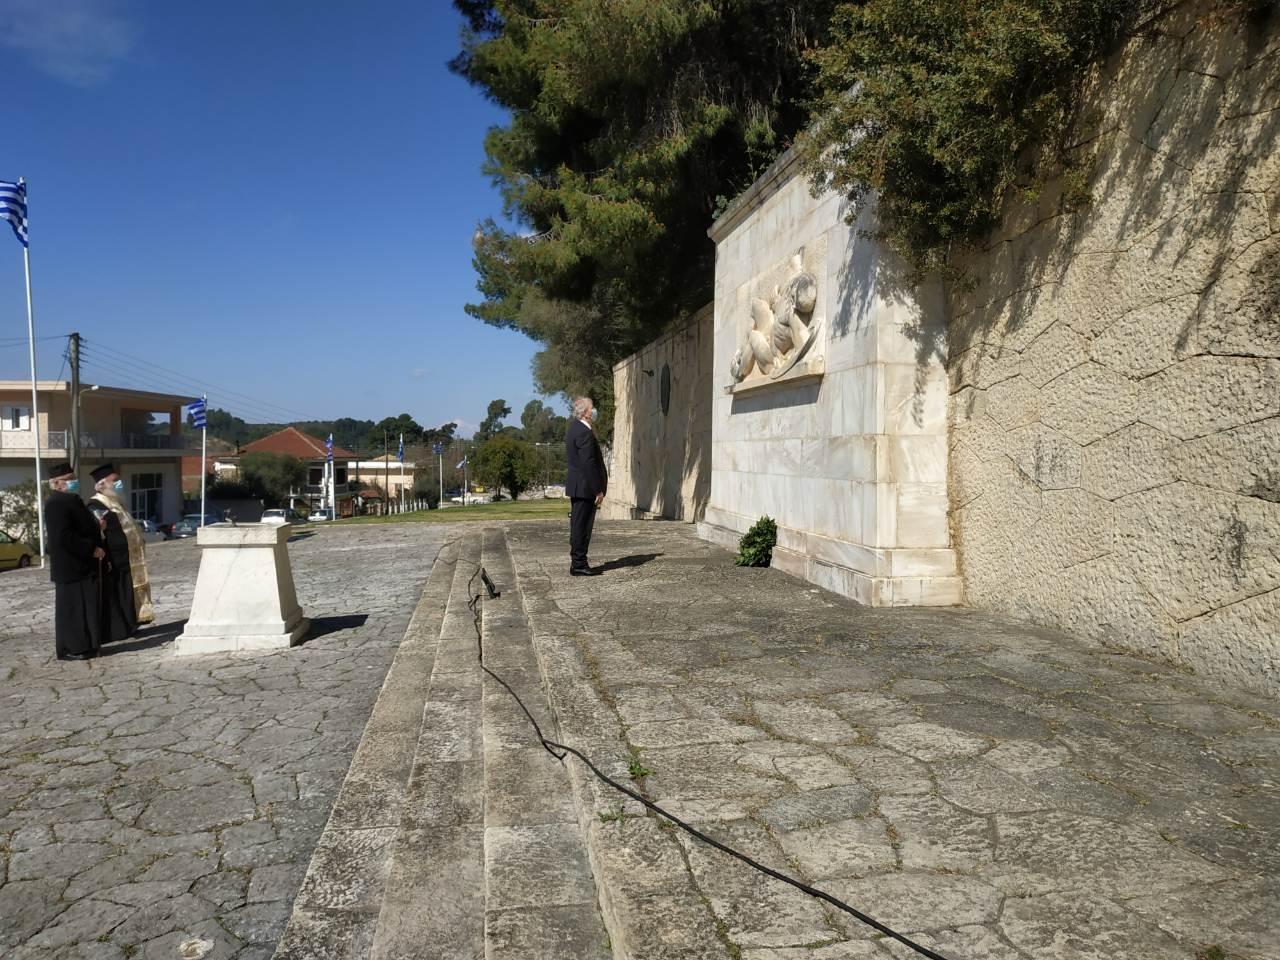 Δήμος Ανδρίτσαινας – Κρεστένων: Προσκύνημα και κατάθεση στεφάνων από τη Δημοτική Αρχή στο Μνημείο Ηρώων Κρεστένων- Με λαμπρότητα αλλά και μέτρα οι εκδηλώσεις για την 25η Μαρτίου (photos)